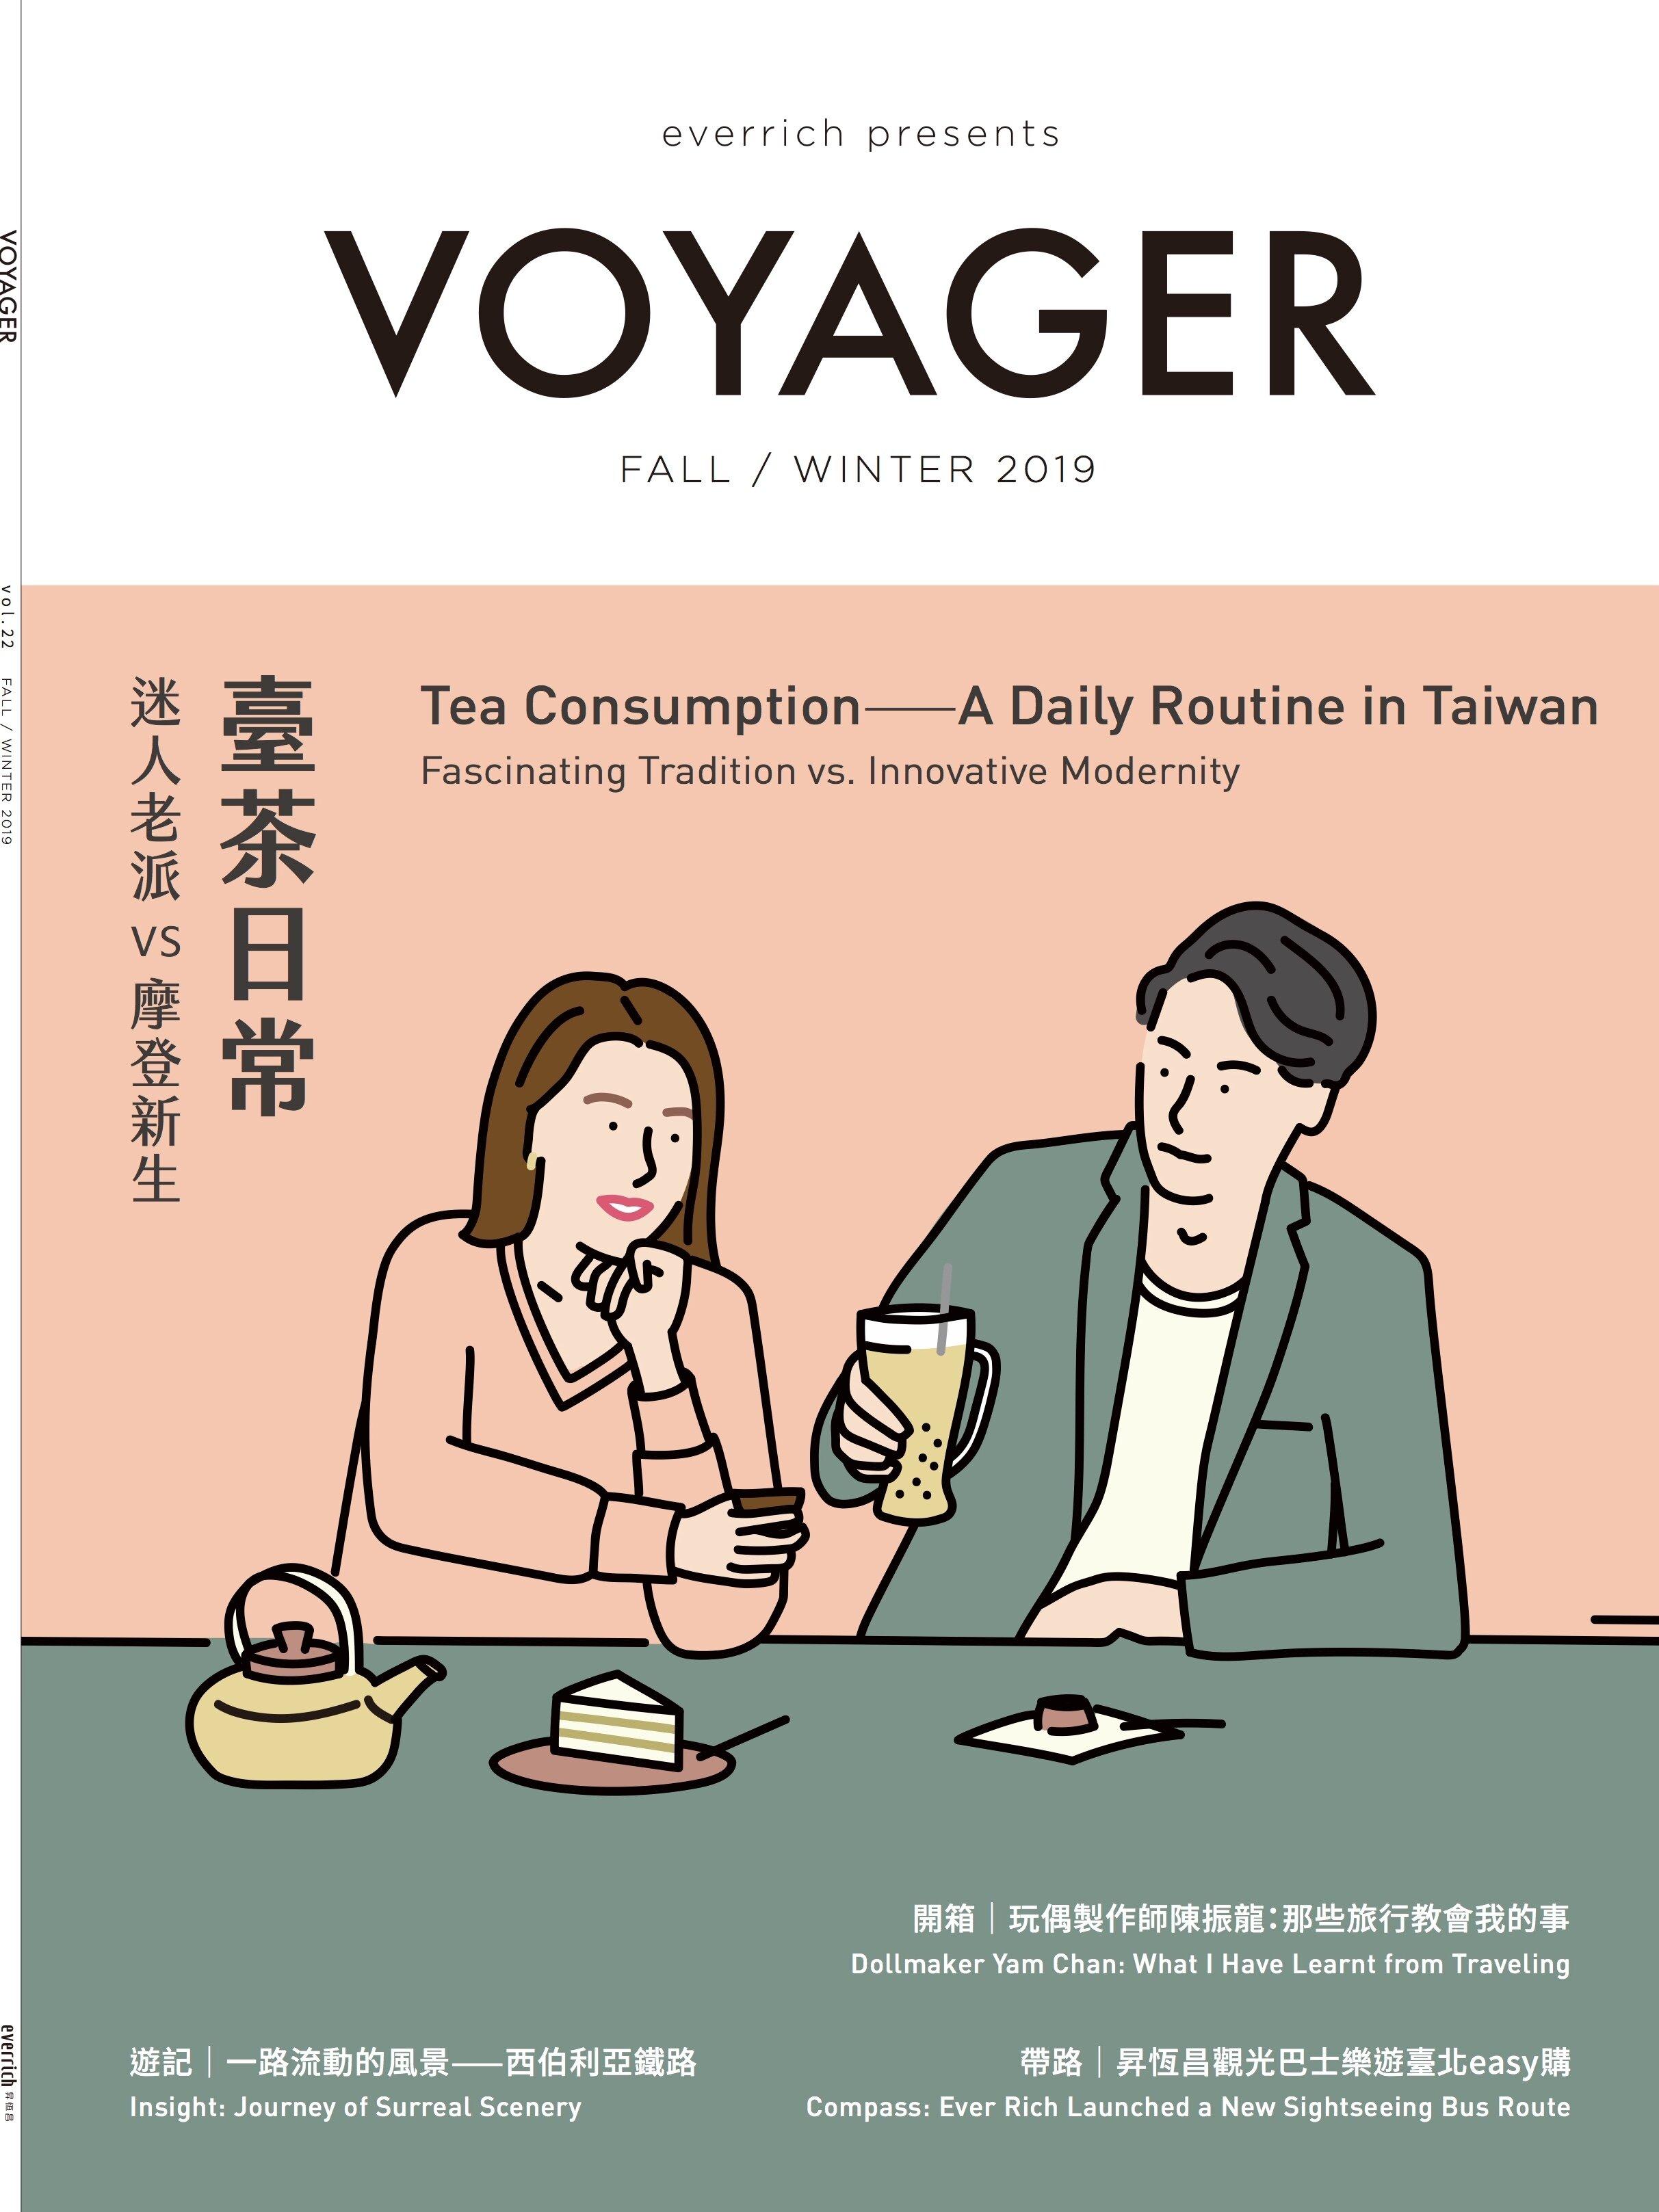 昇恆昌機場誌 《Voyager》 第 22 期封面。圖片來源: 昇恆昌 、 黑潮文化 。